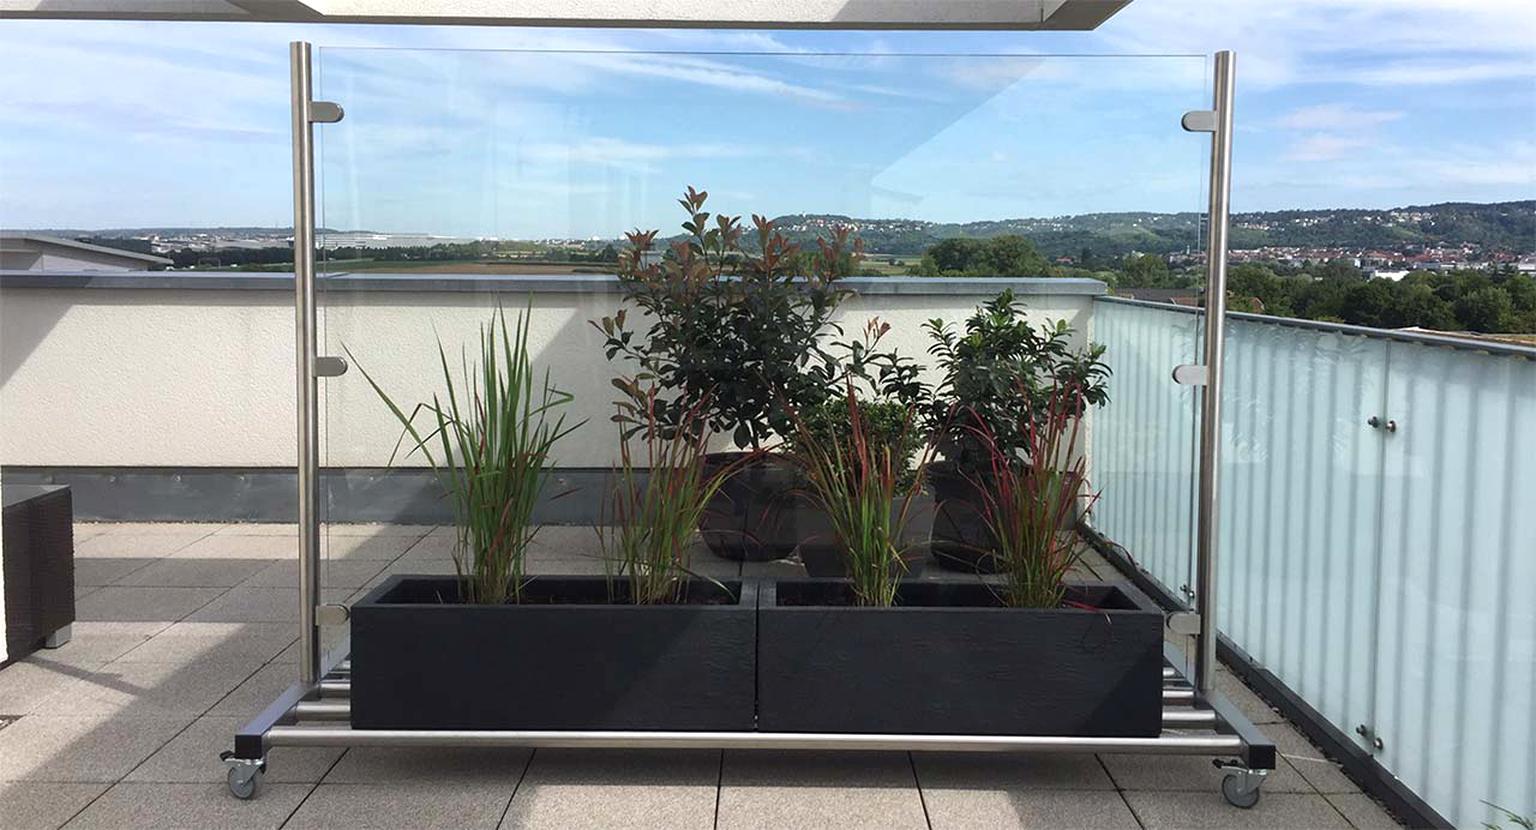 Windschutz Glas Gebraucht Kaufen 2 St Bis 70 Gunstiger